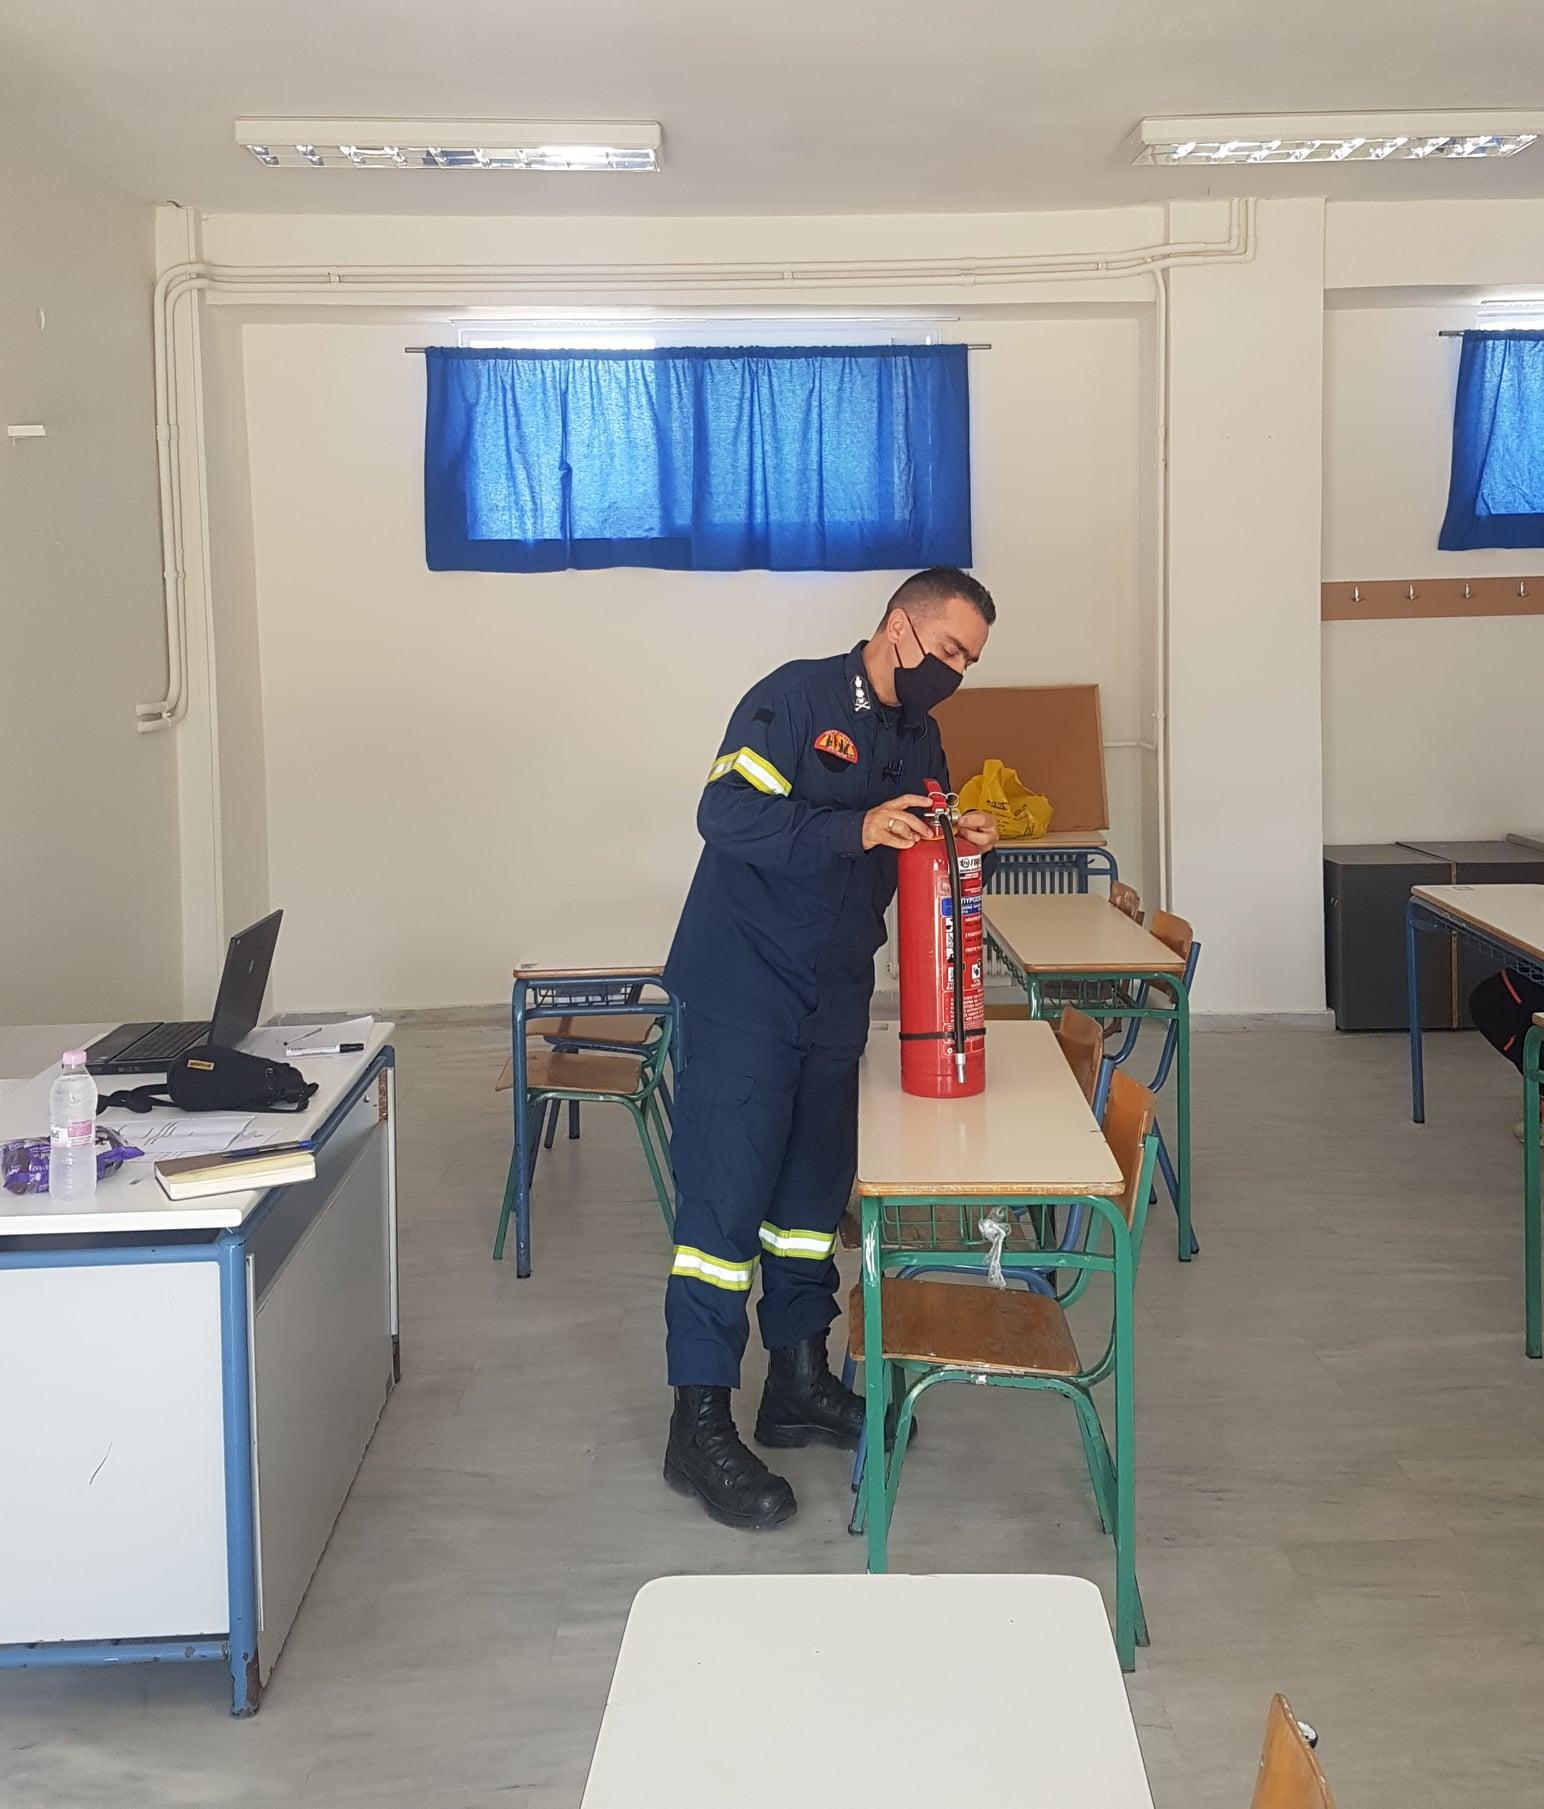 Γυμνάσιο Λεχαινών: Ενημέρωση από την Πυροσβεστική Υπηρεσία για την πυρασφάλεια